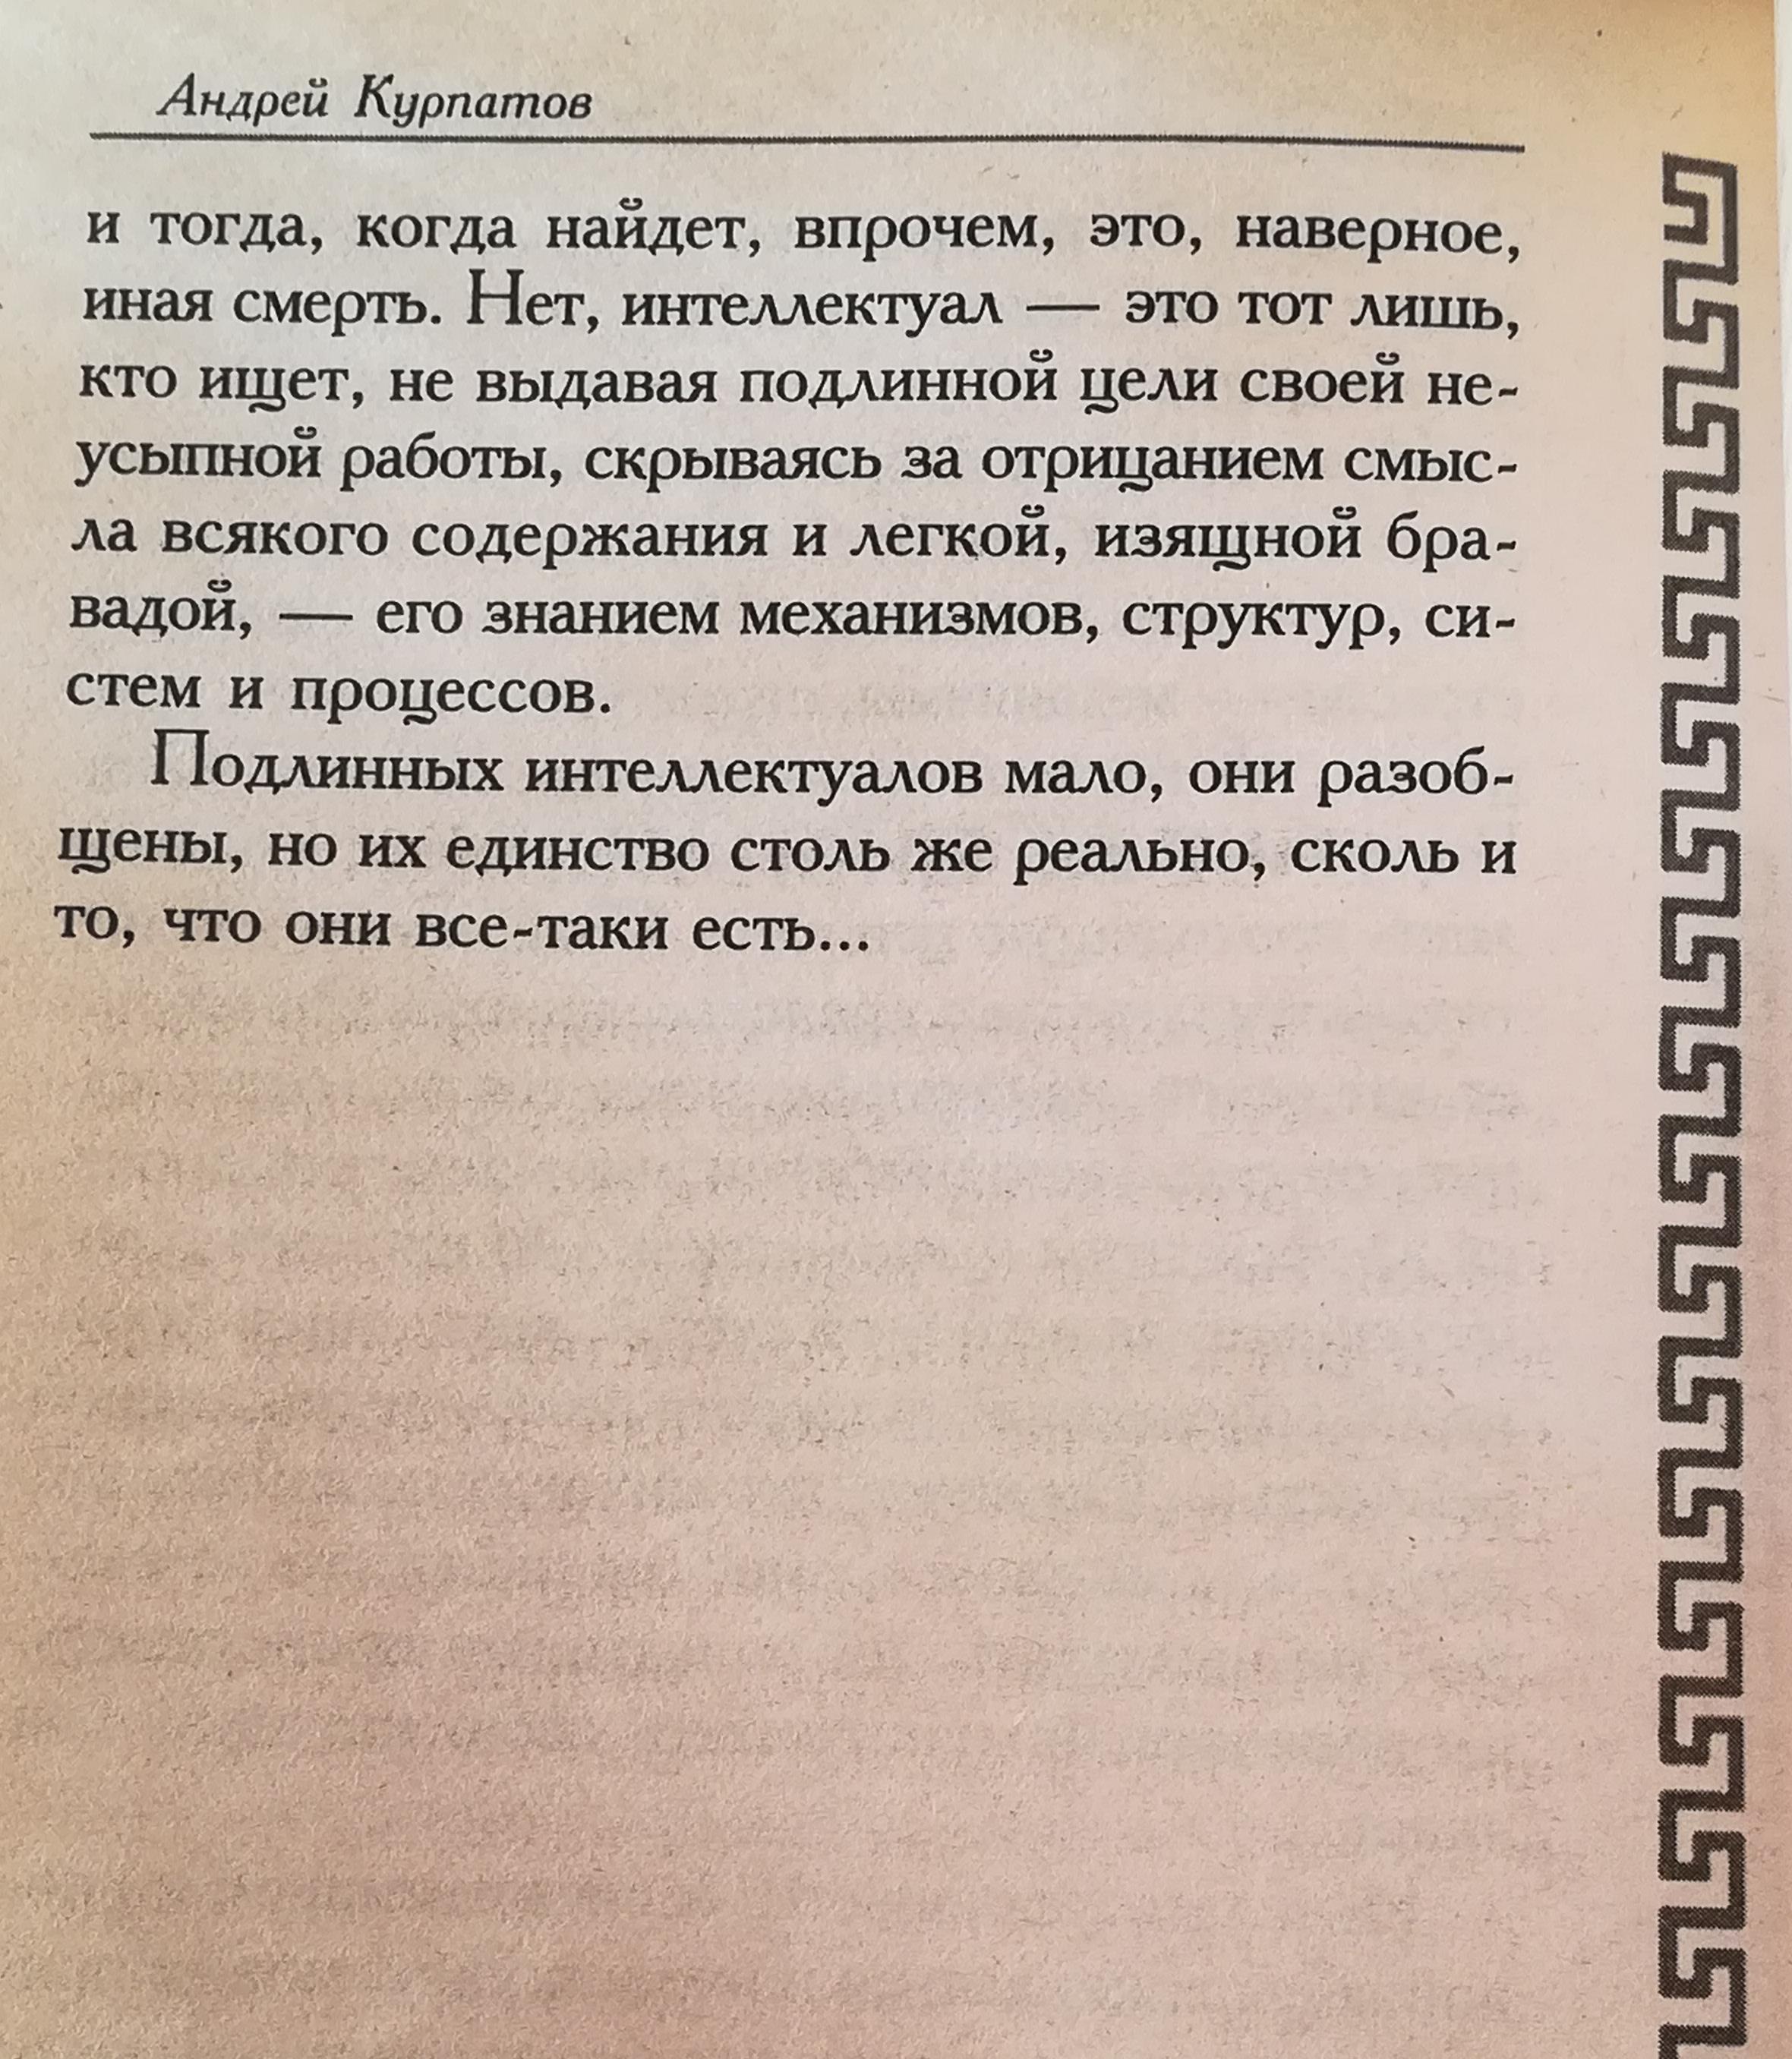 Andresi Kurpatovi eneseabi filosoofias  Kurpatov_146